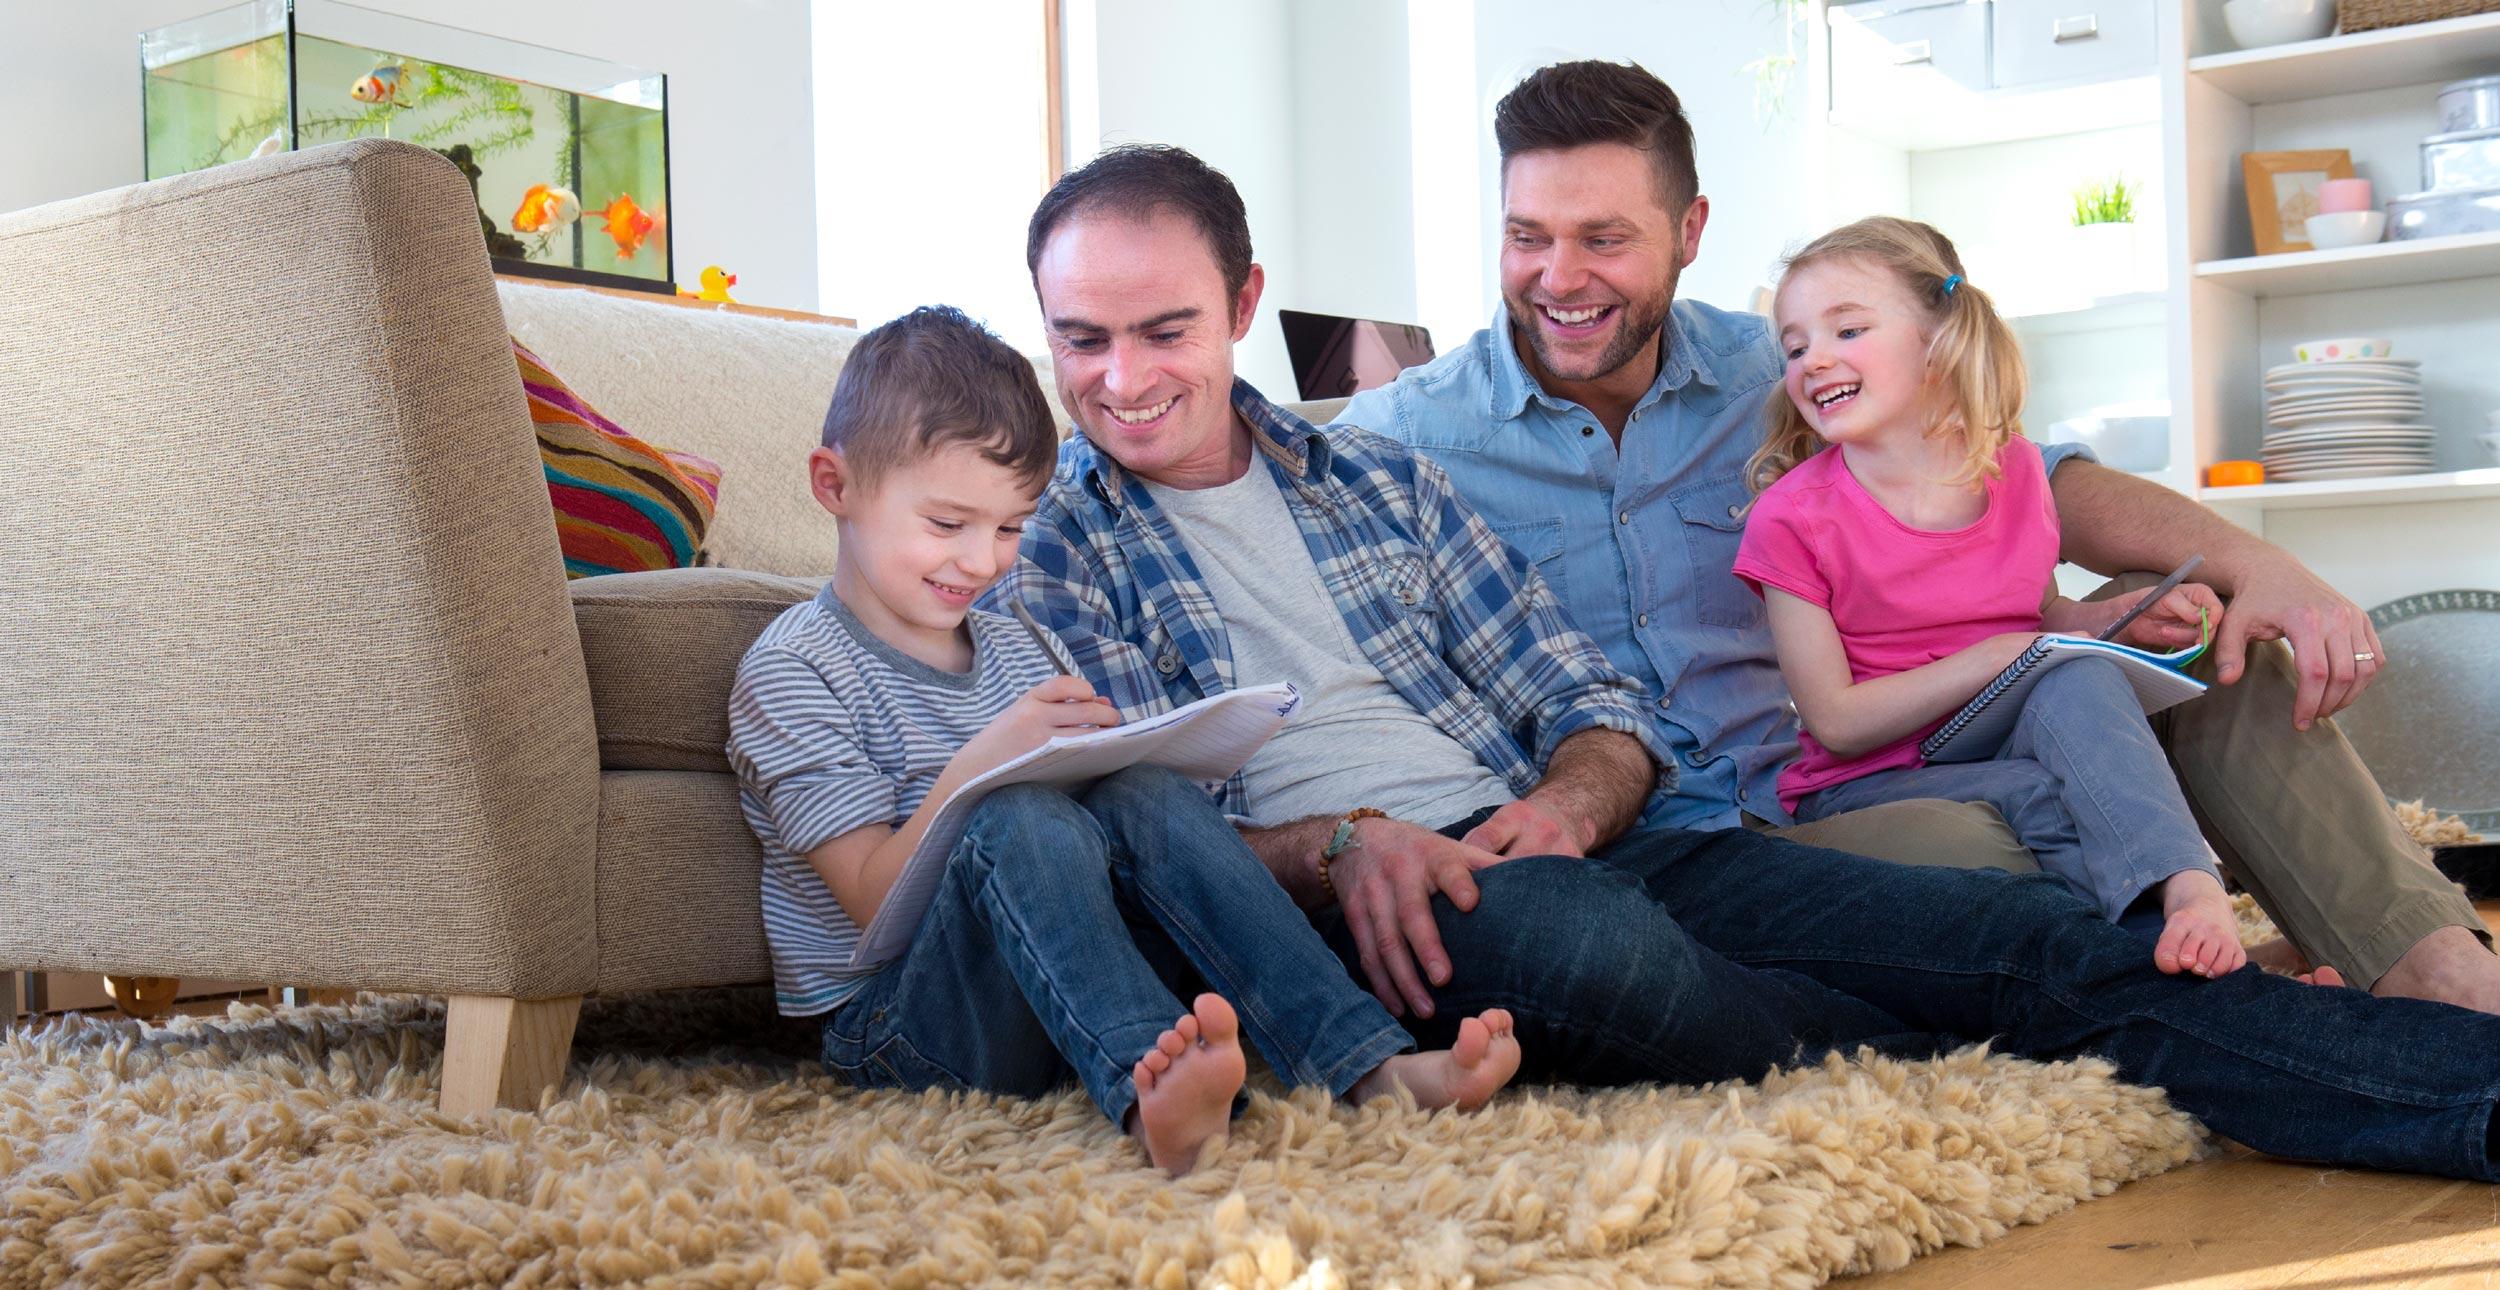 Future of LGBTQ Families